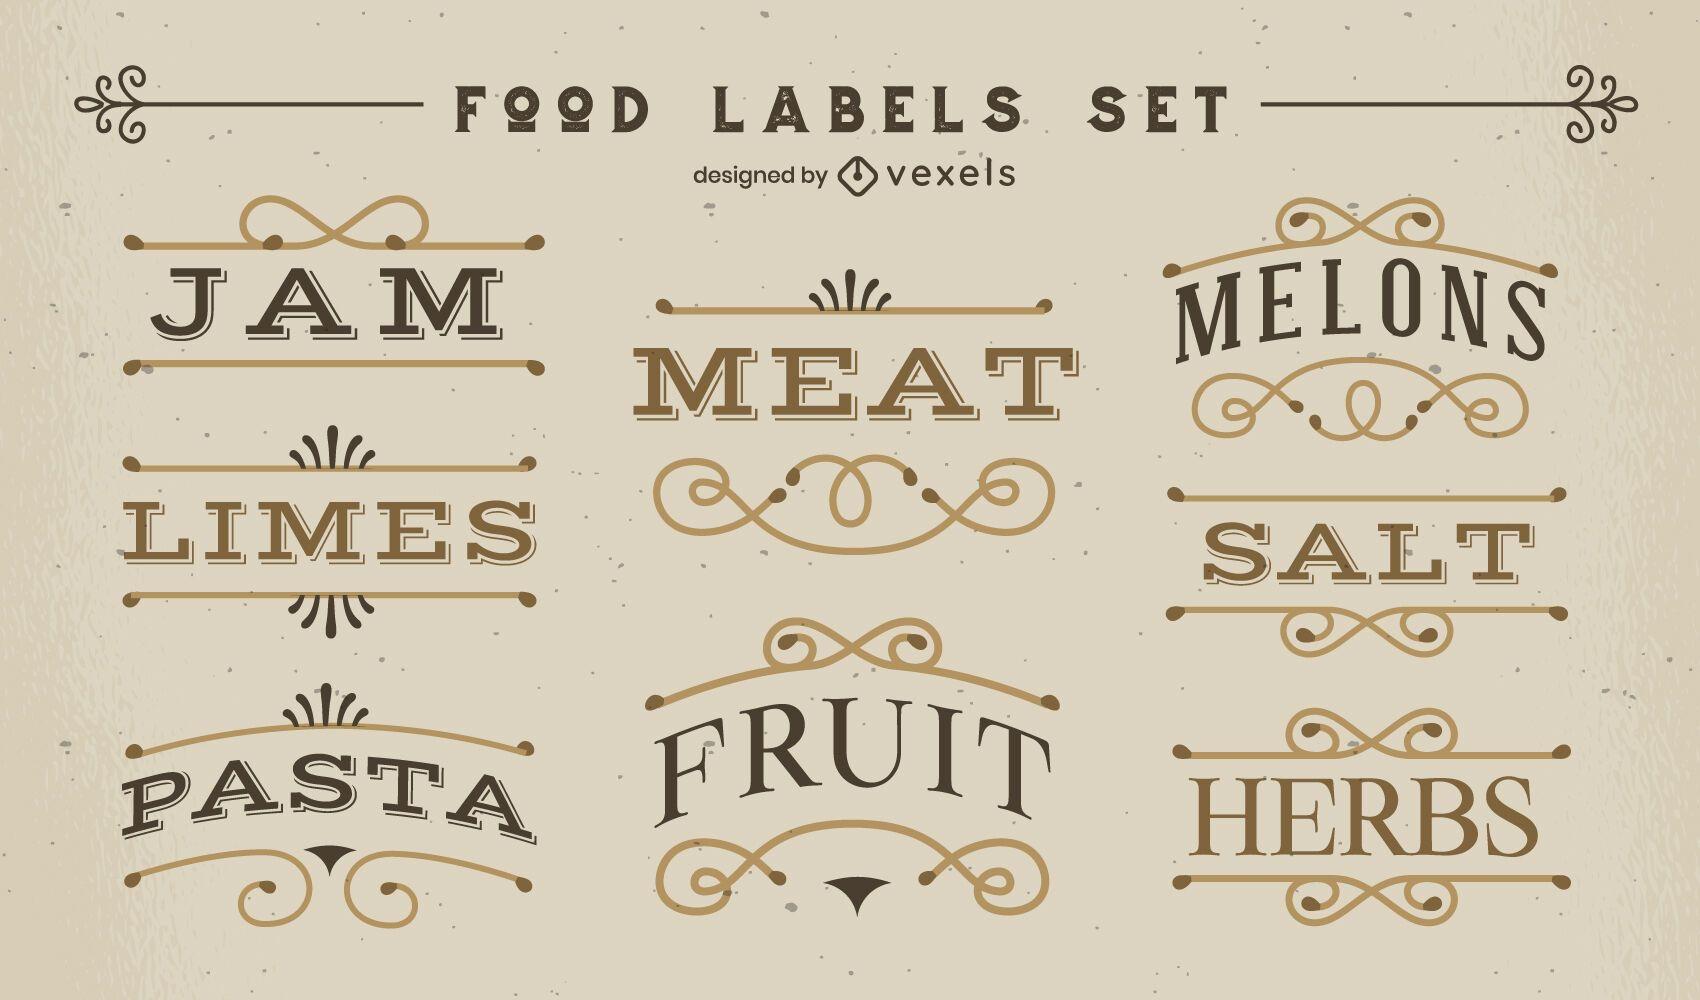 Vintage style food labels set